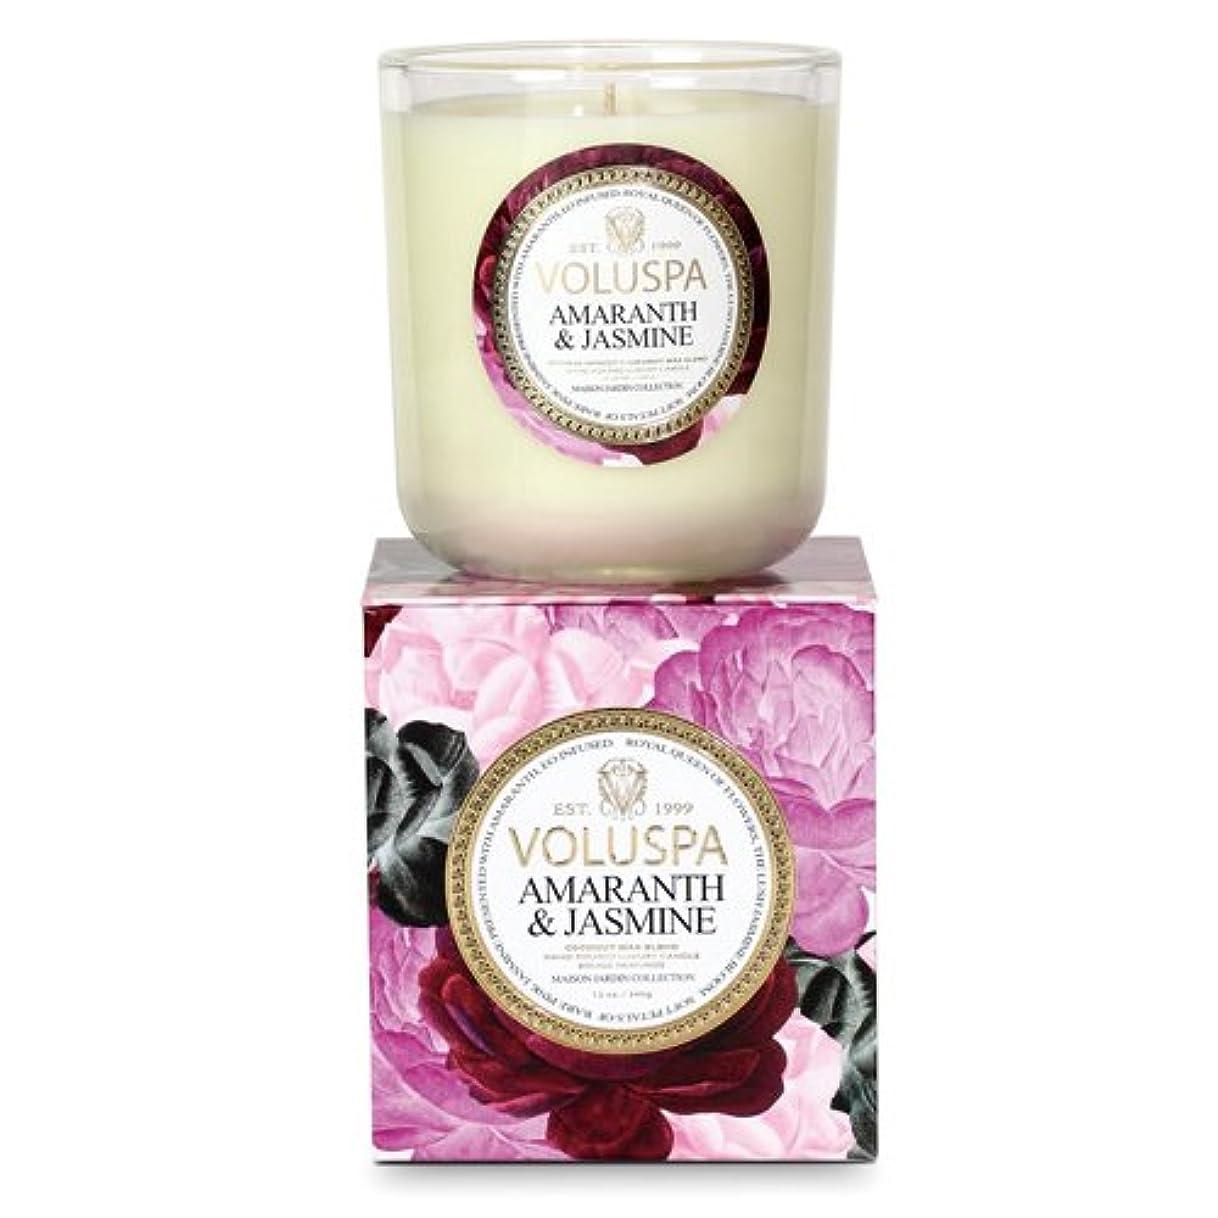 Voluspa ボルスパ メゾンジャルダン ボックス入りグラスキャンドル アマランス&ジャスミン MAISON JARDIN Box Glass Candle AMARANTH & JASMINE